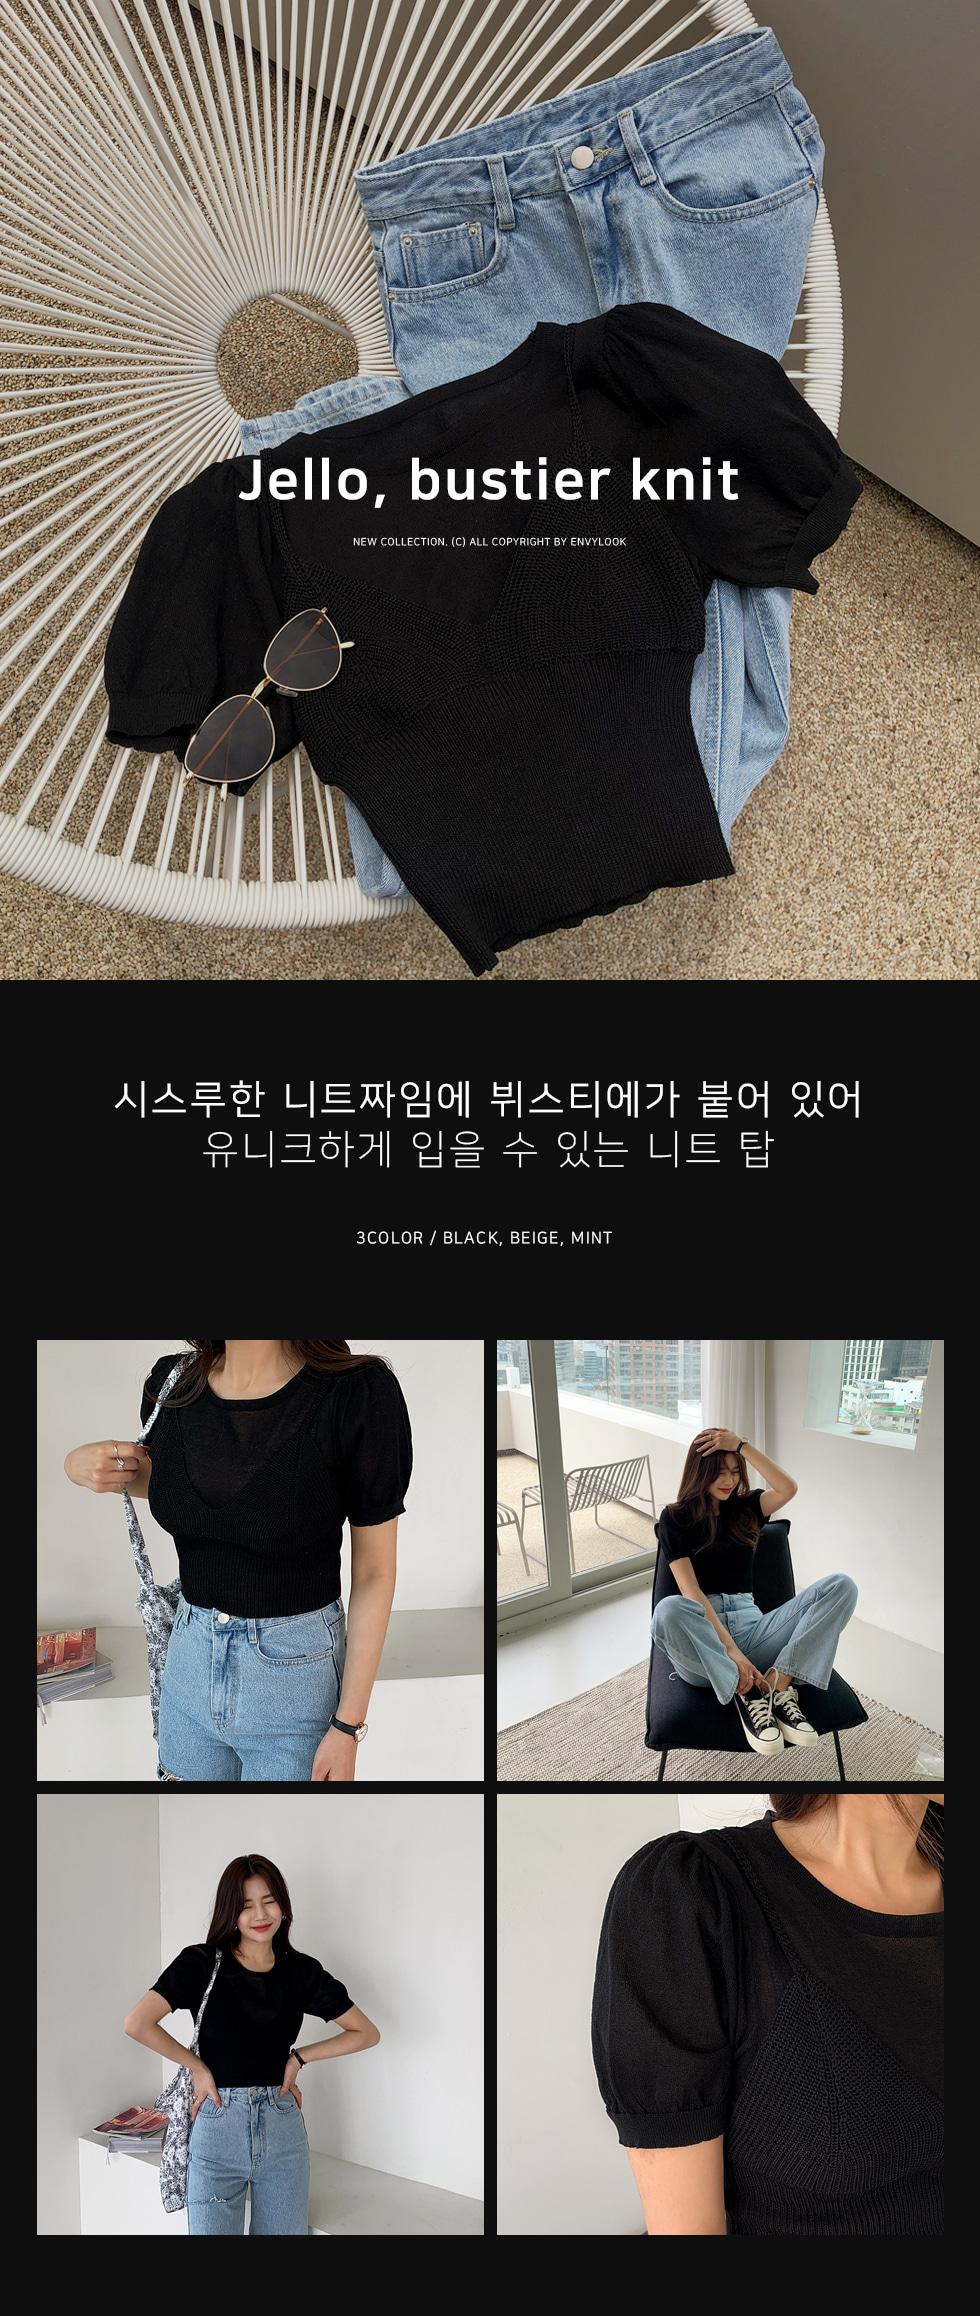 Zelo Bustier Knitwear